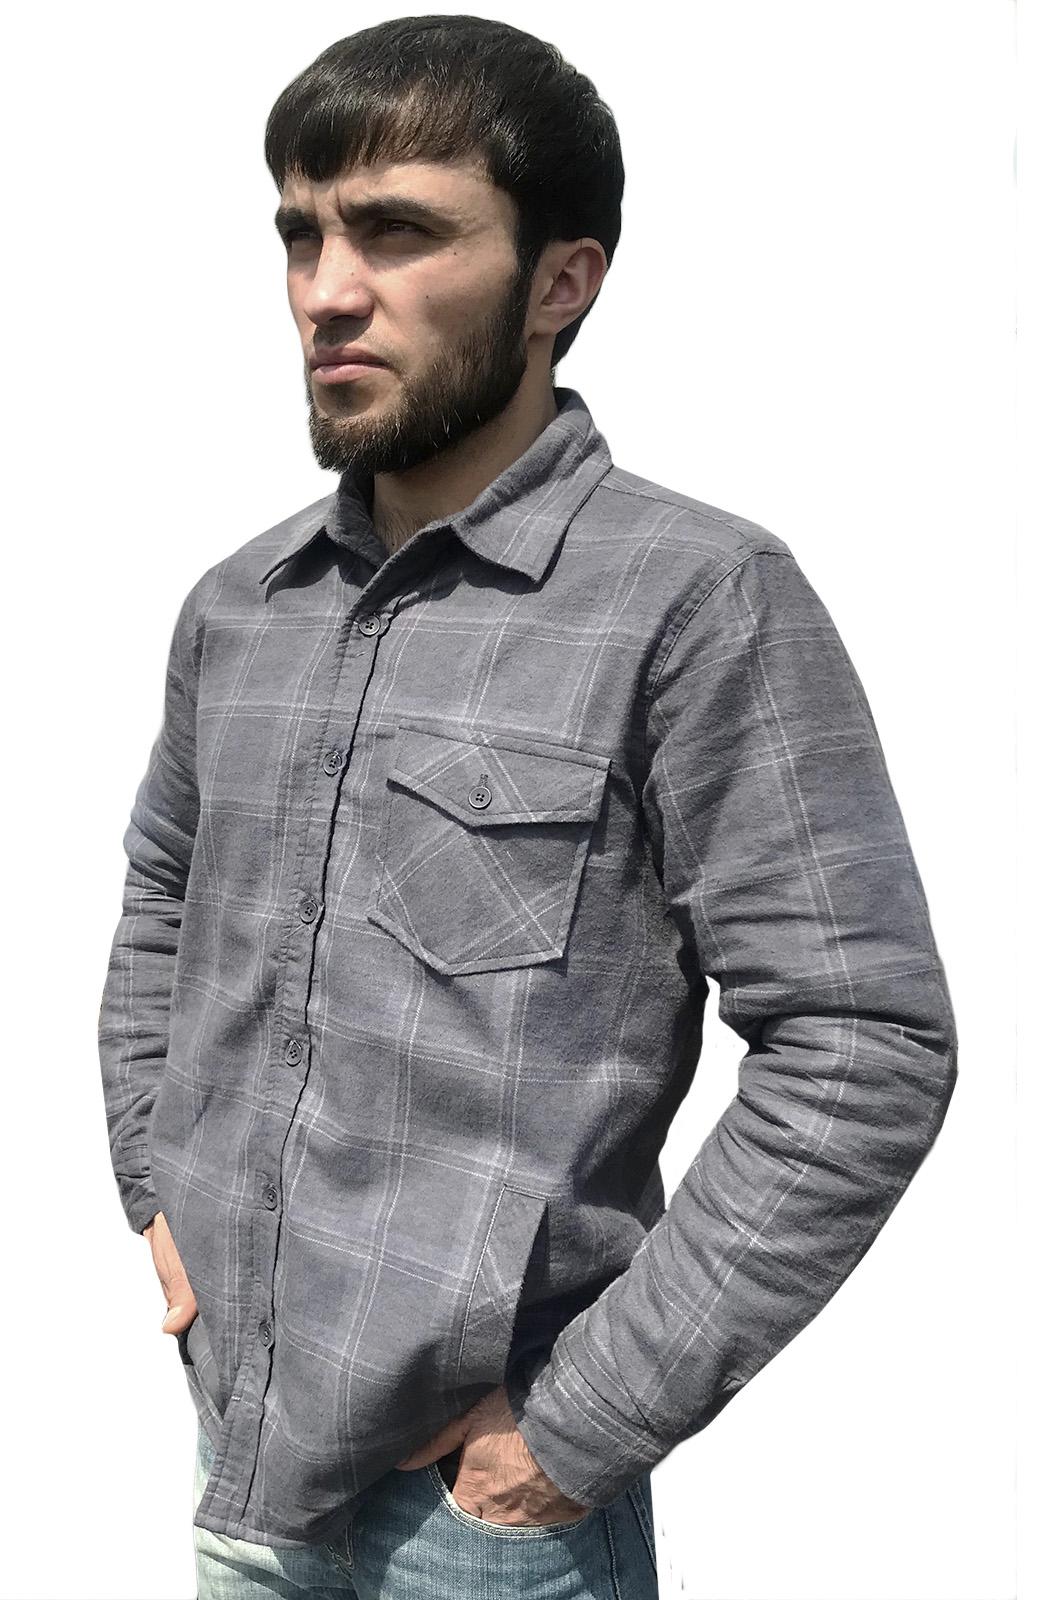 Клетчатая крутая рубашка с вышитым шевроном Каратель - заказать в розницу